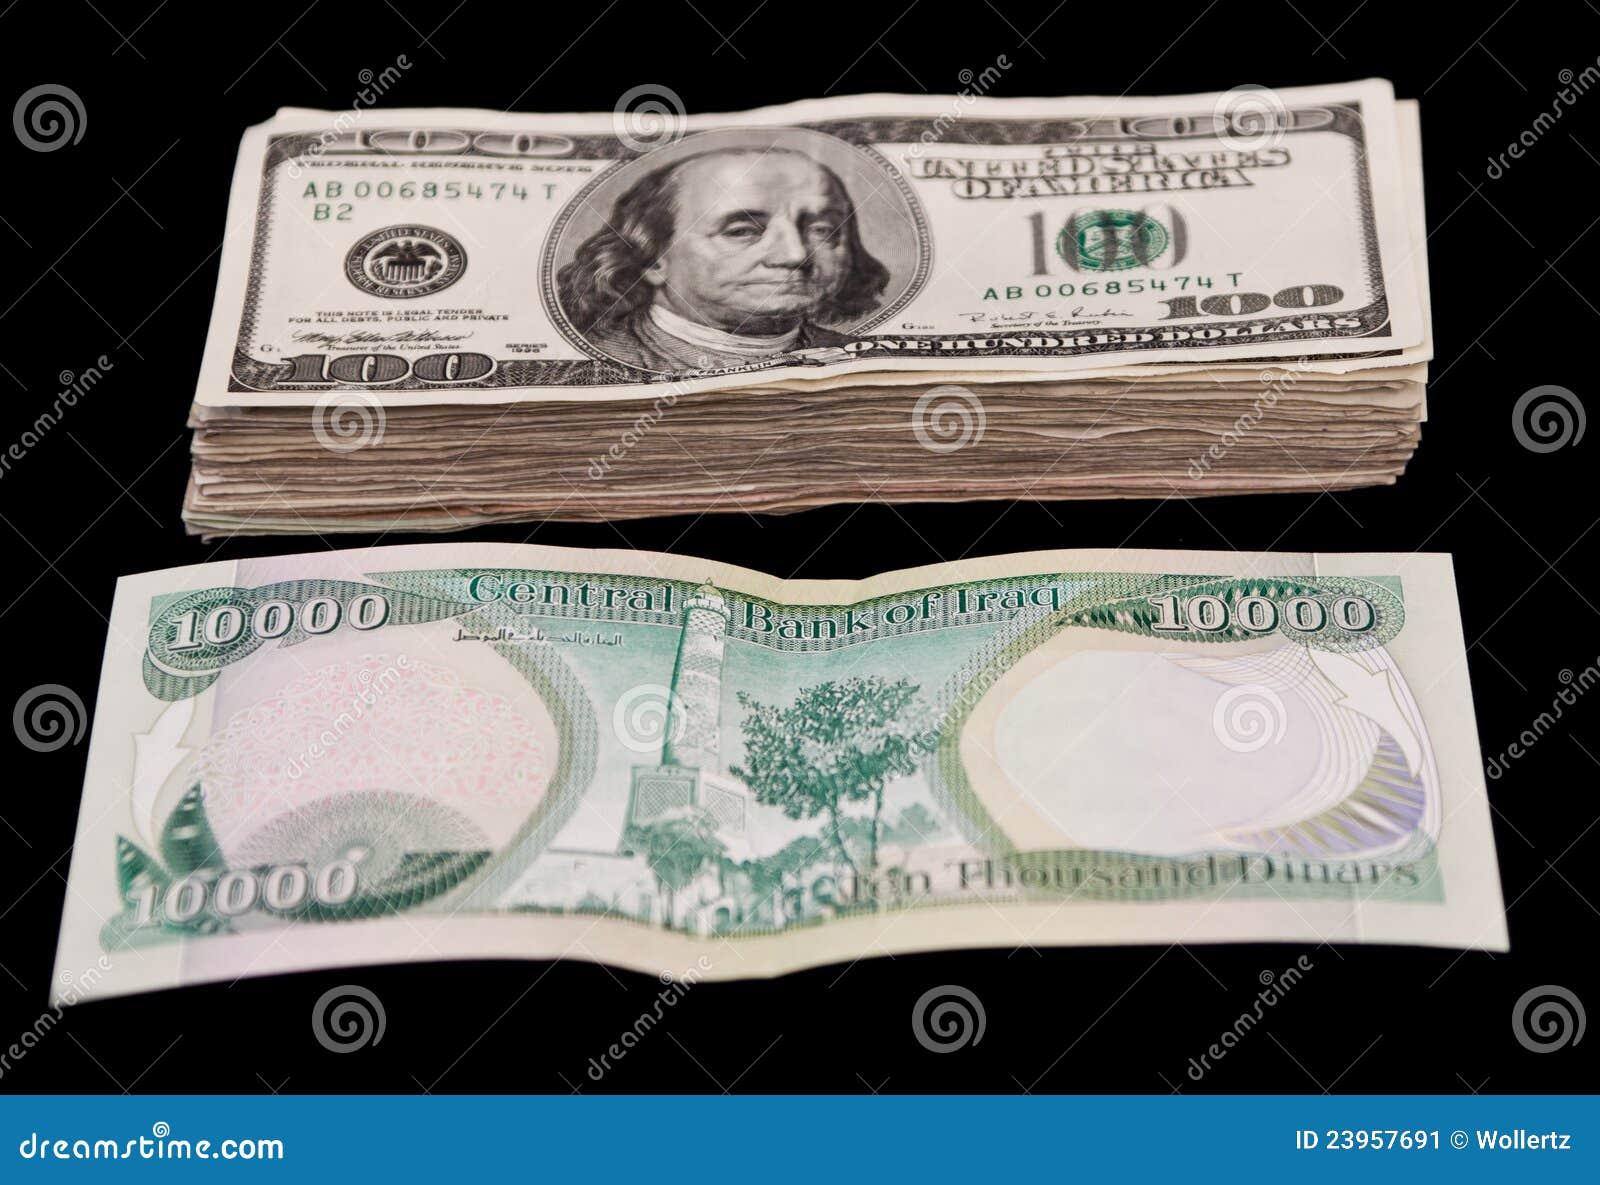 Forex iraqi dinar us dollar